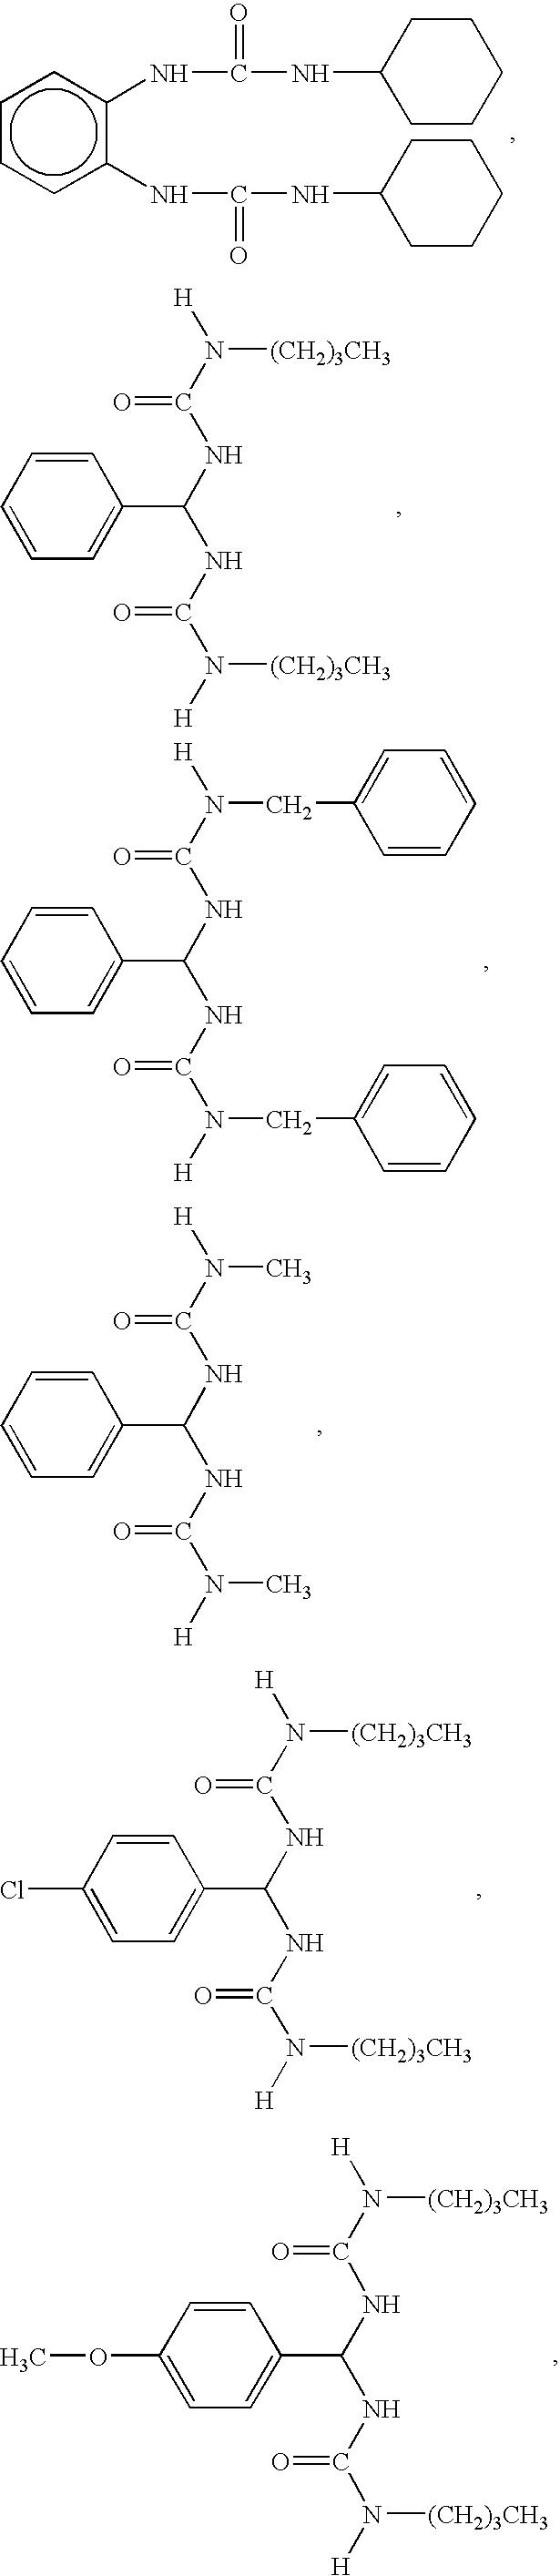 Figure US20040065227A1-20040408-C00128